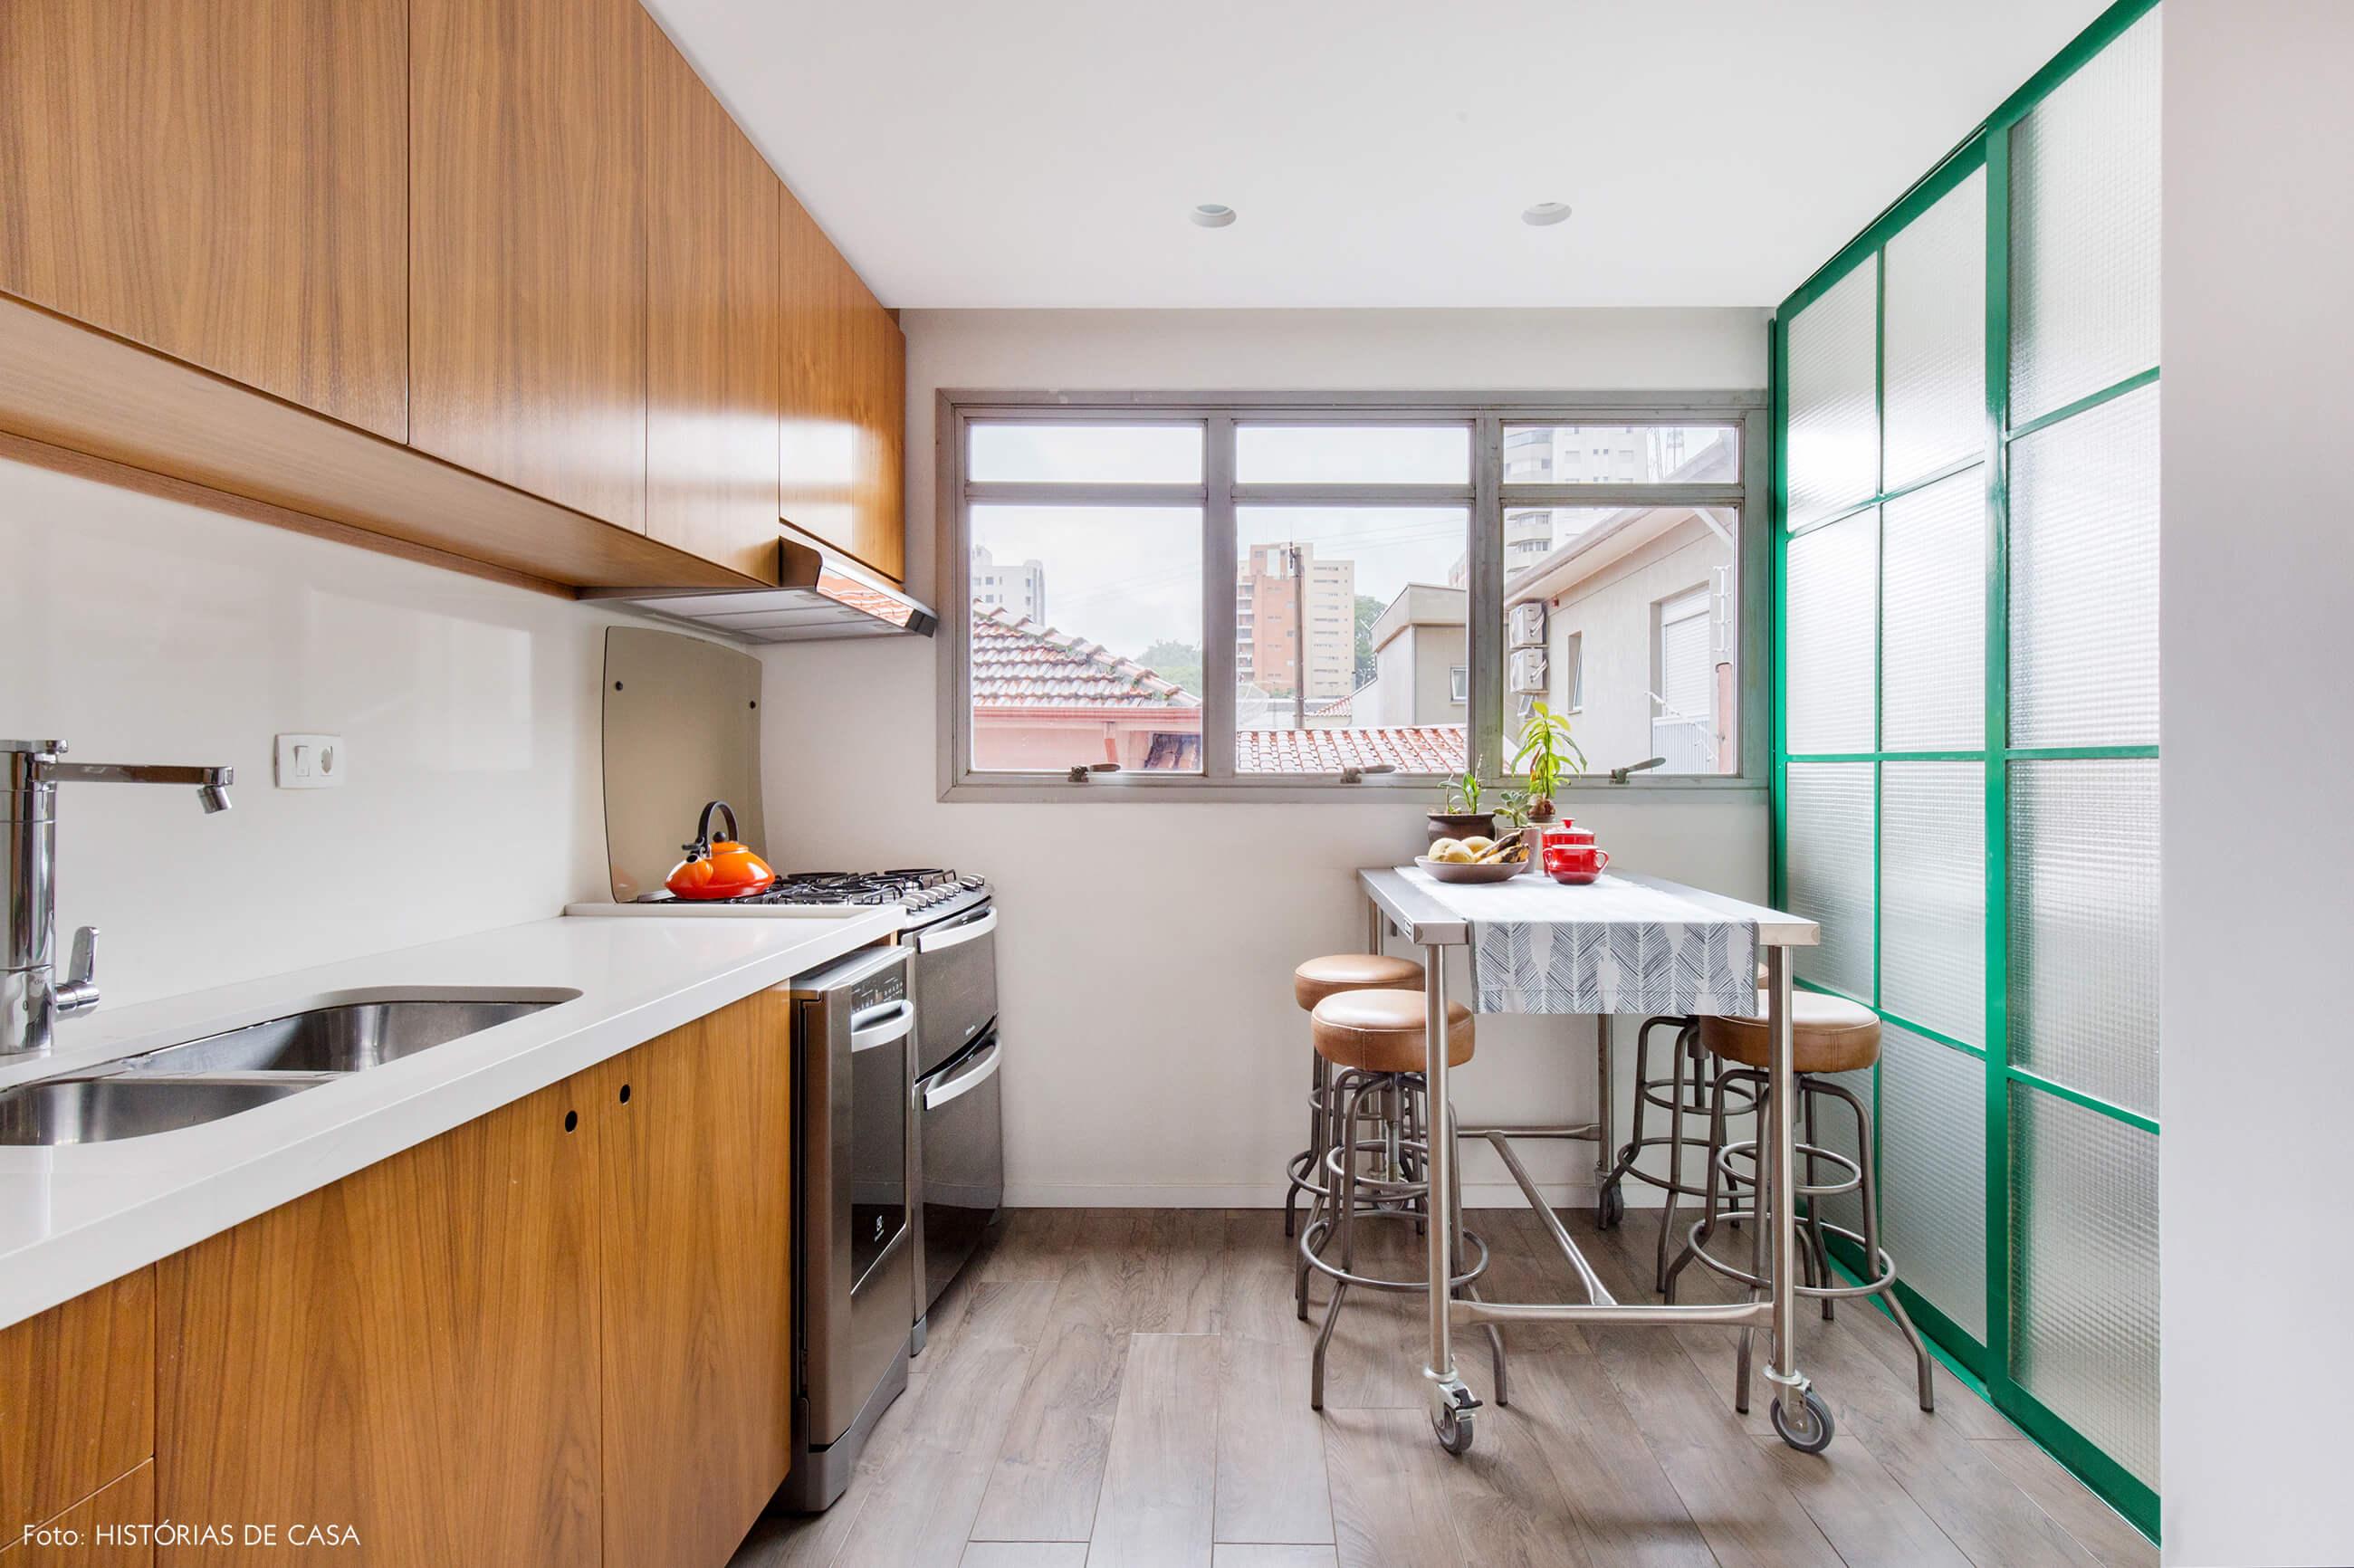 Cozinha reformada com bancada industrial com rodinhas e porta de serralheria verde